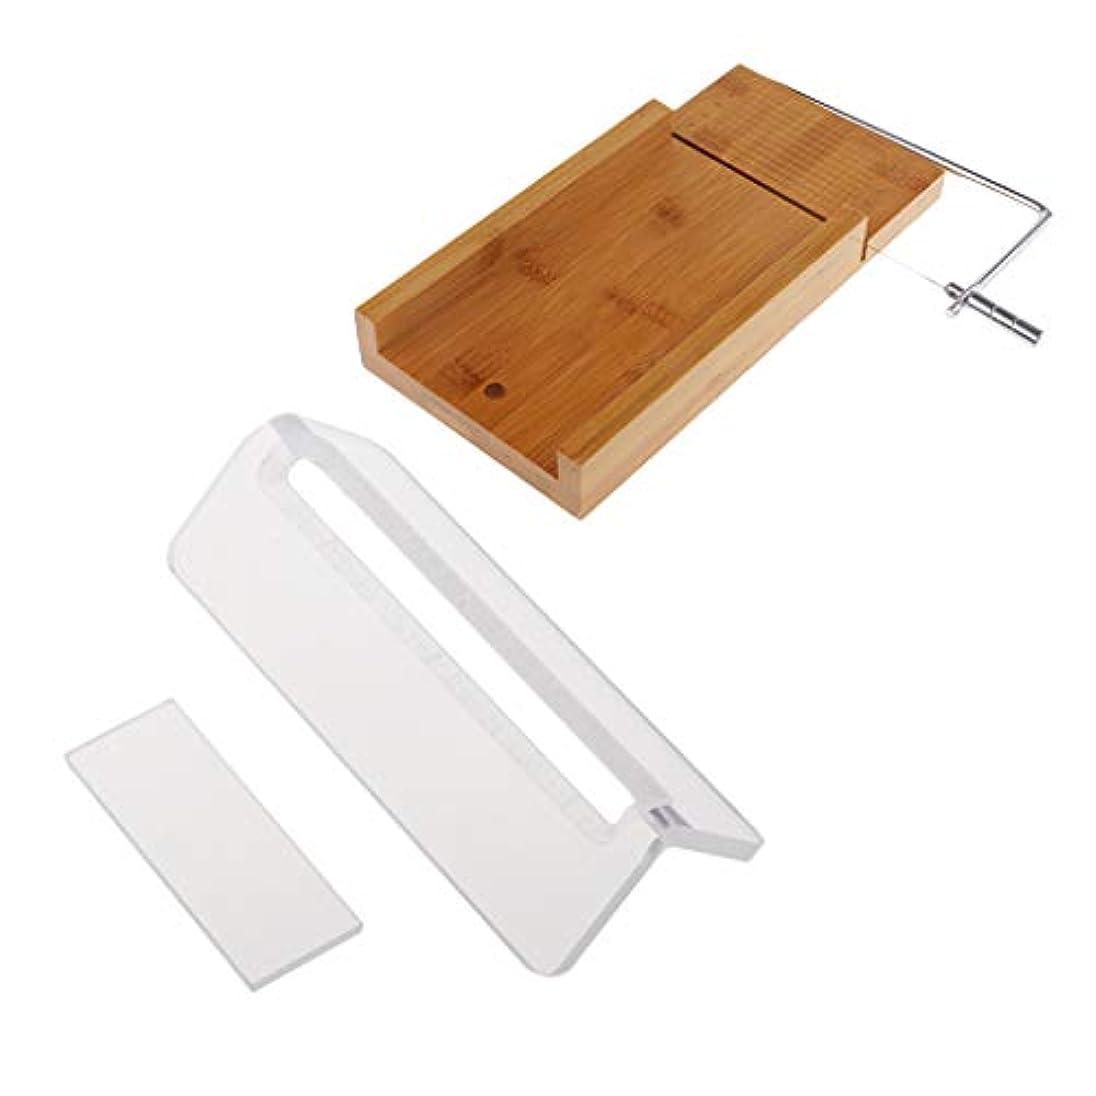 仮装行う急いでFLAMEER ローフカッター 木製 ソープ包丁 石鹸カッター 手作り石鹸 DIY キッチン用品 2個入り